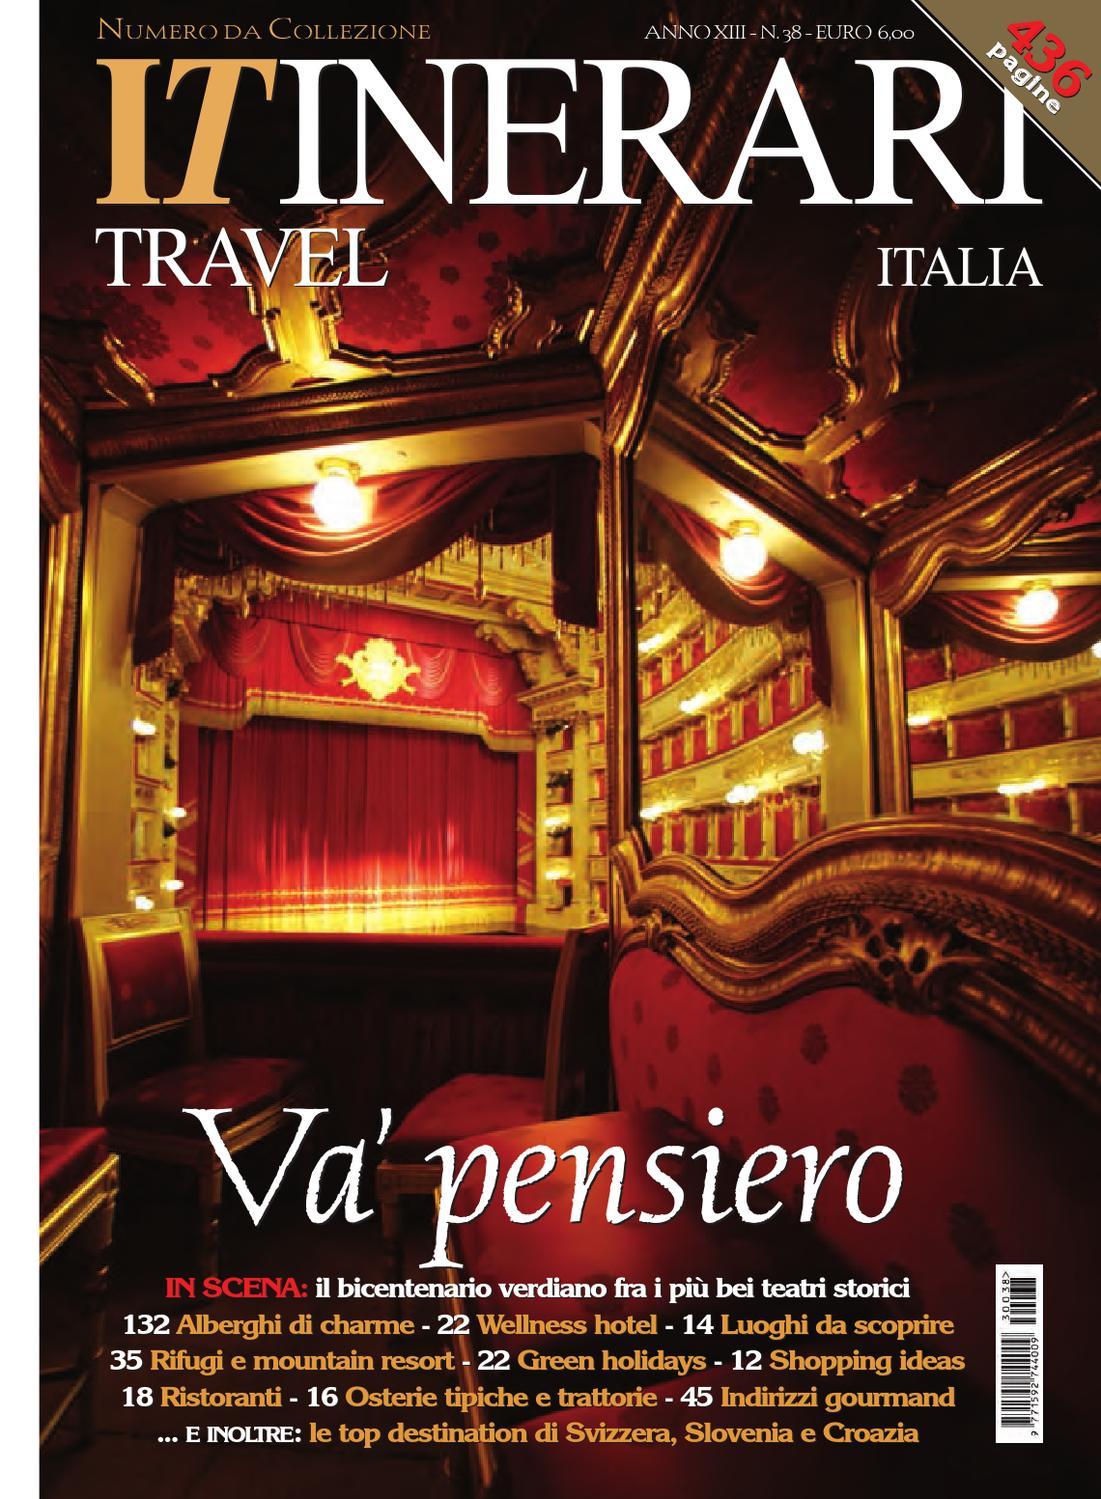 Itinerari Travel 38 - Va  pensiero by Itinerari Travel - issuu 0a70b64fa4f